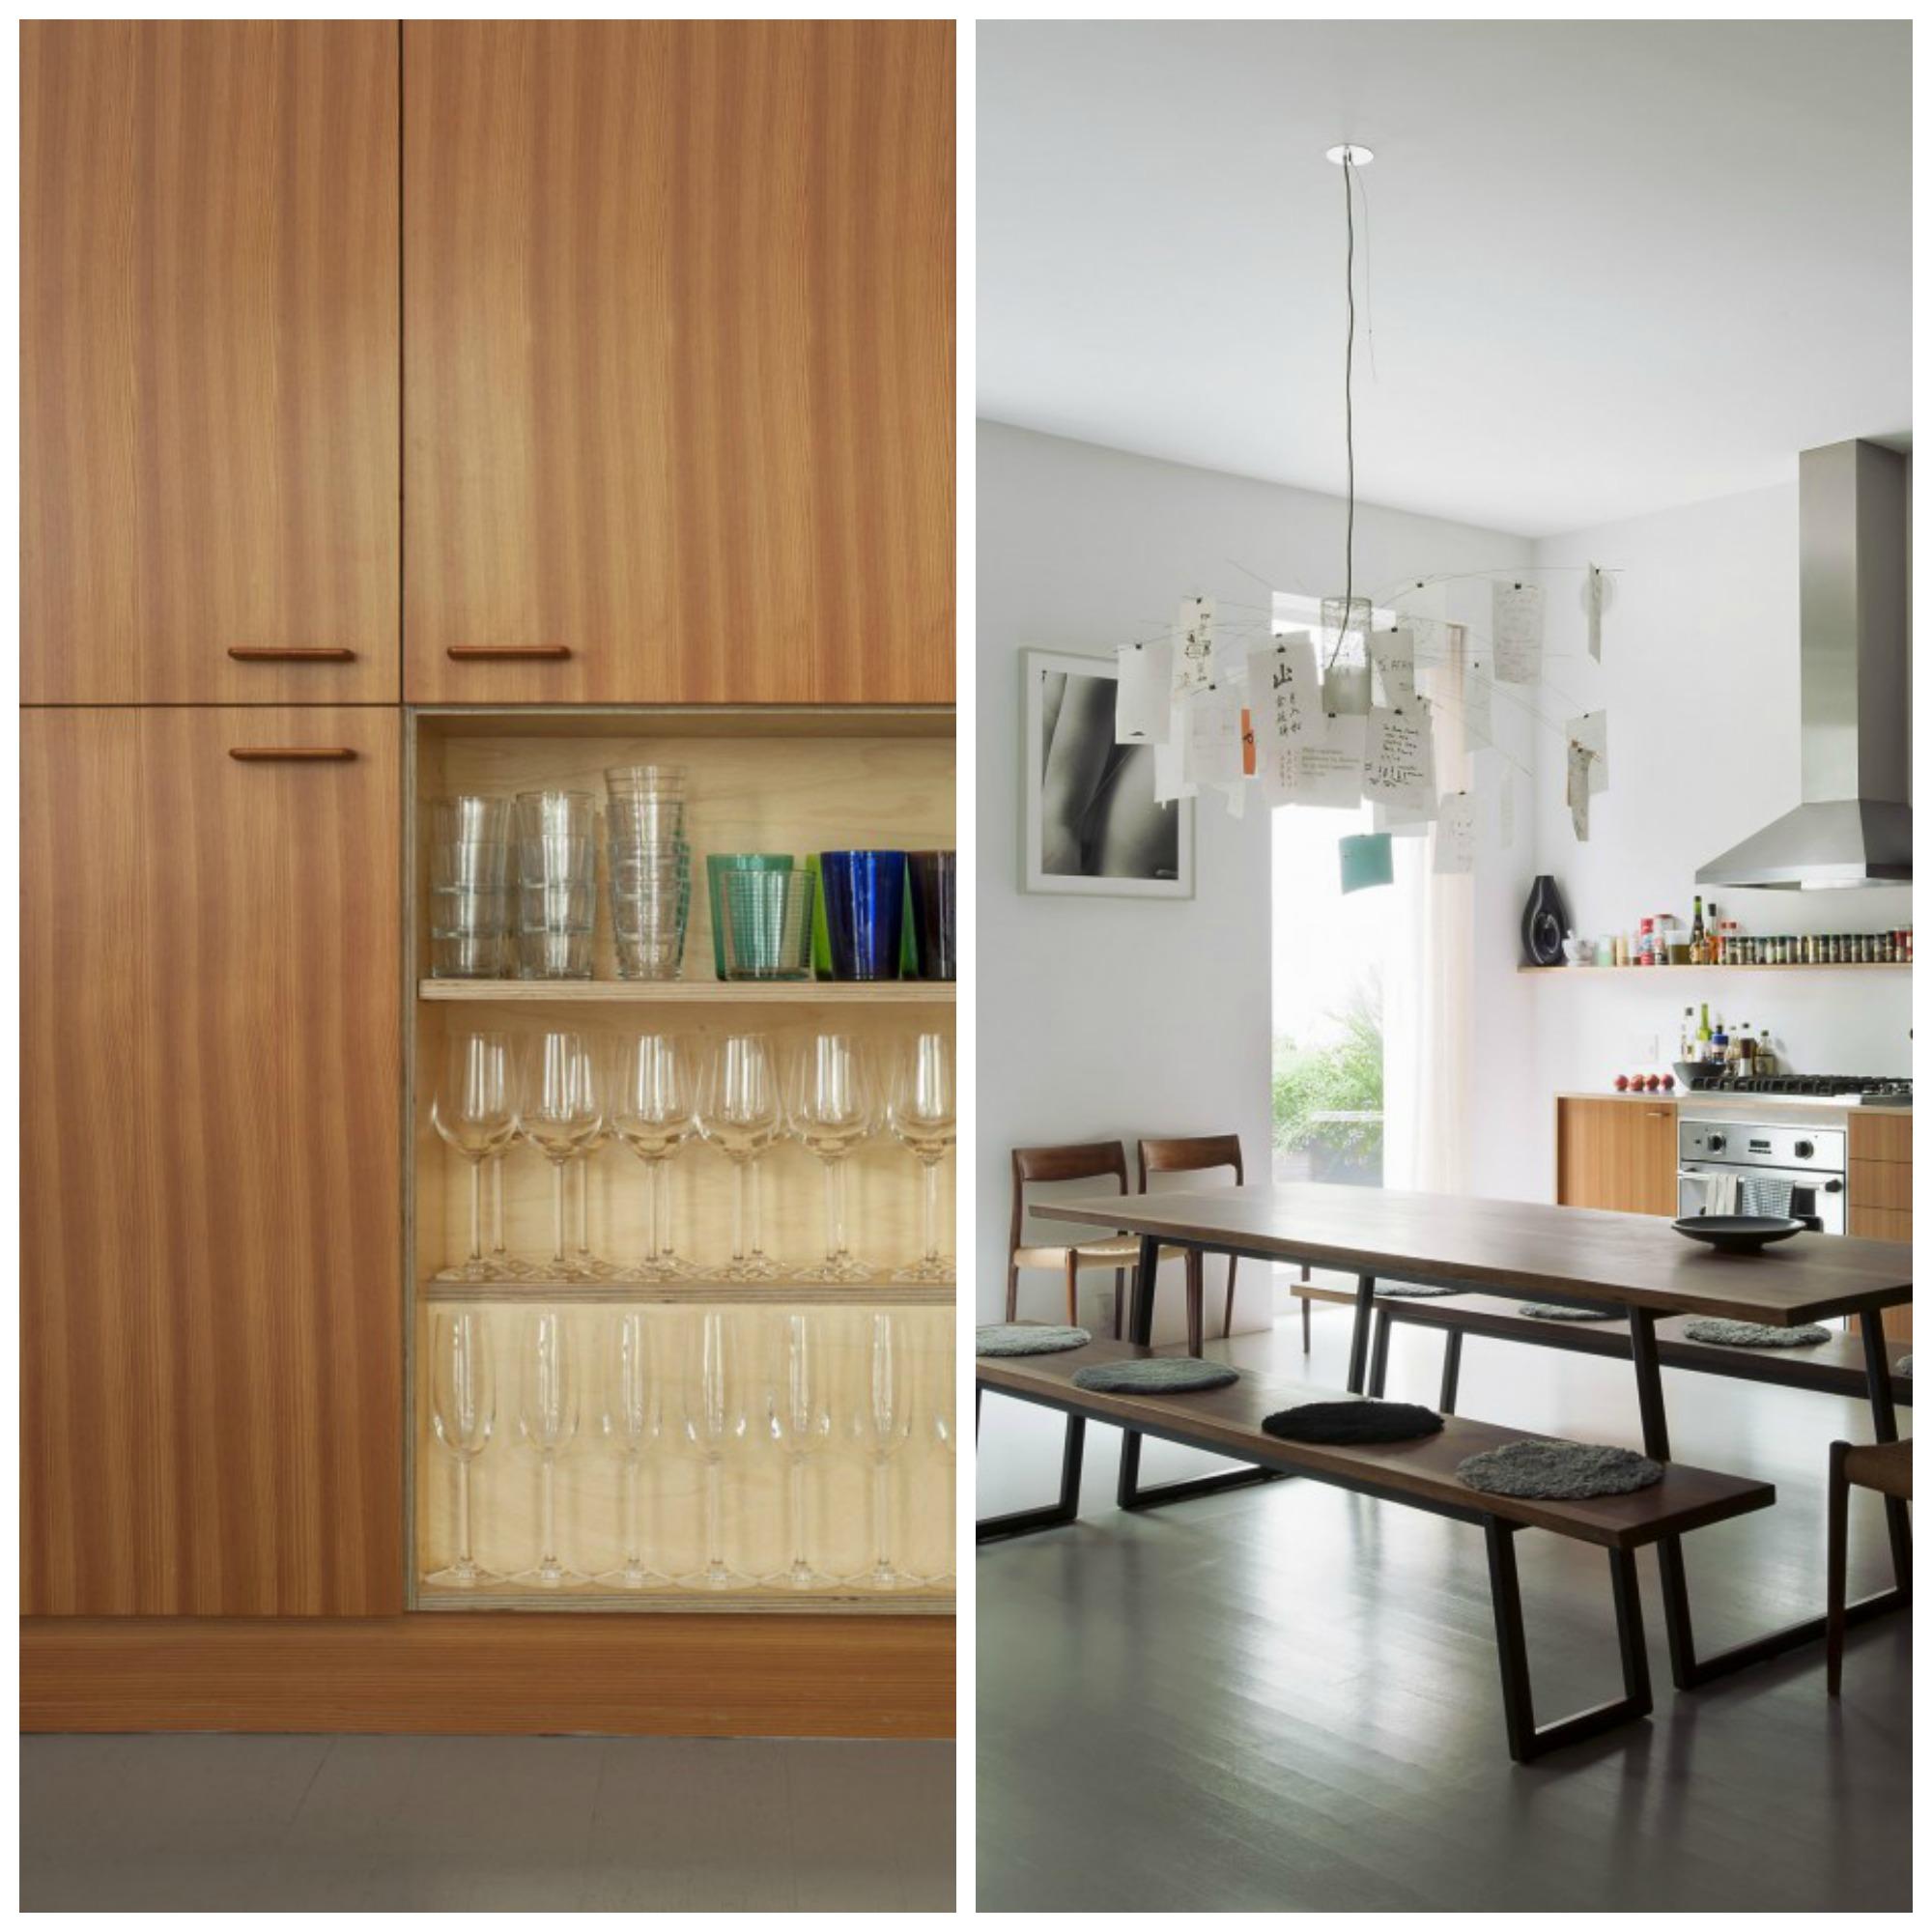 Muebles n rdicos en la cocina - Muebles nordicos ...